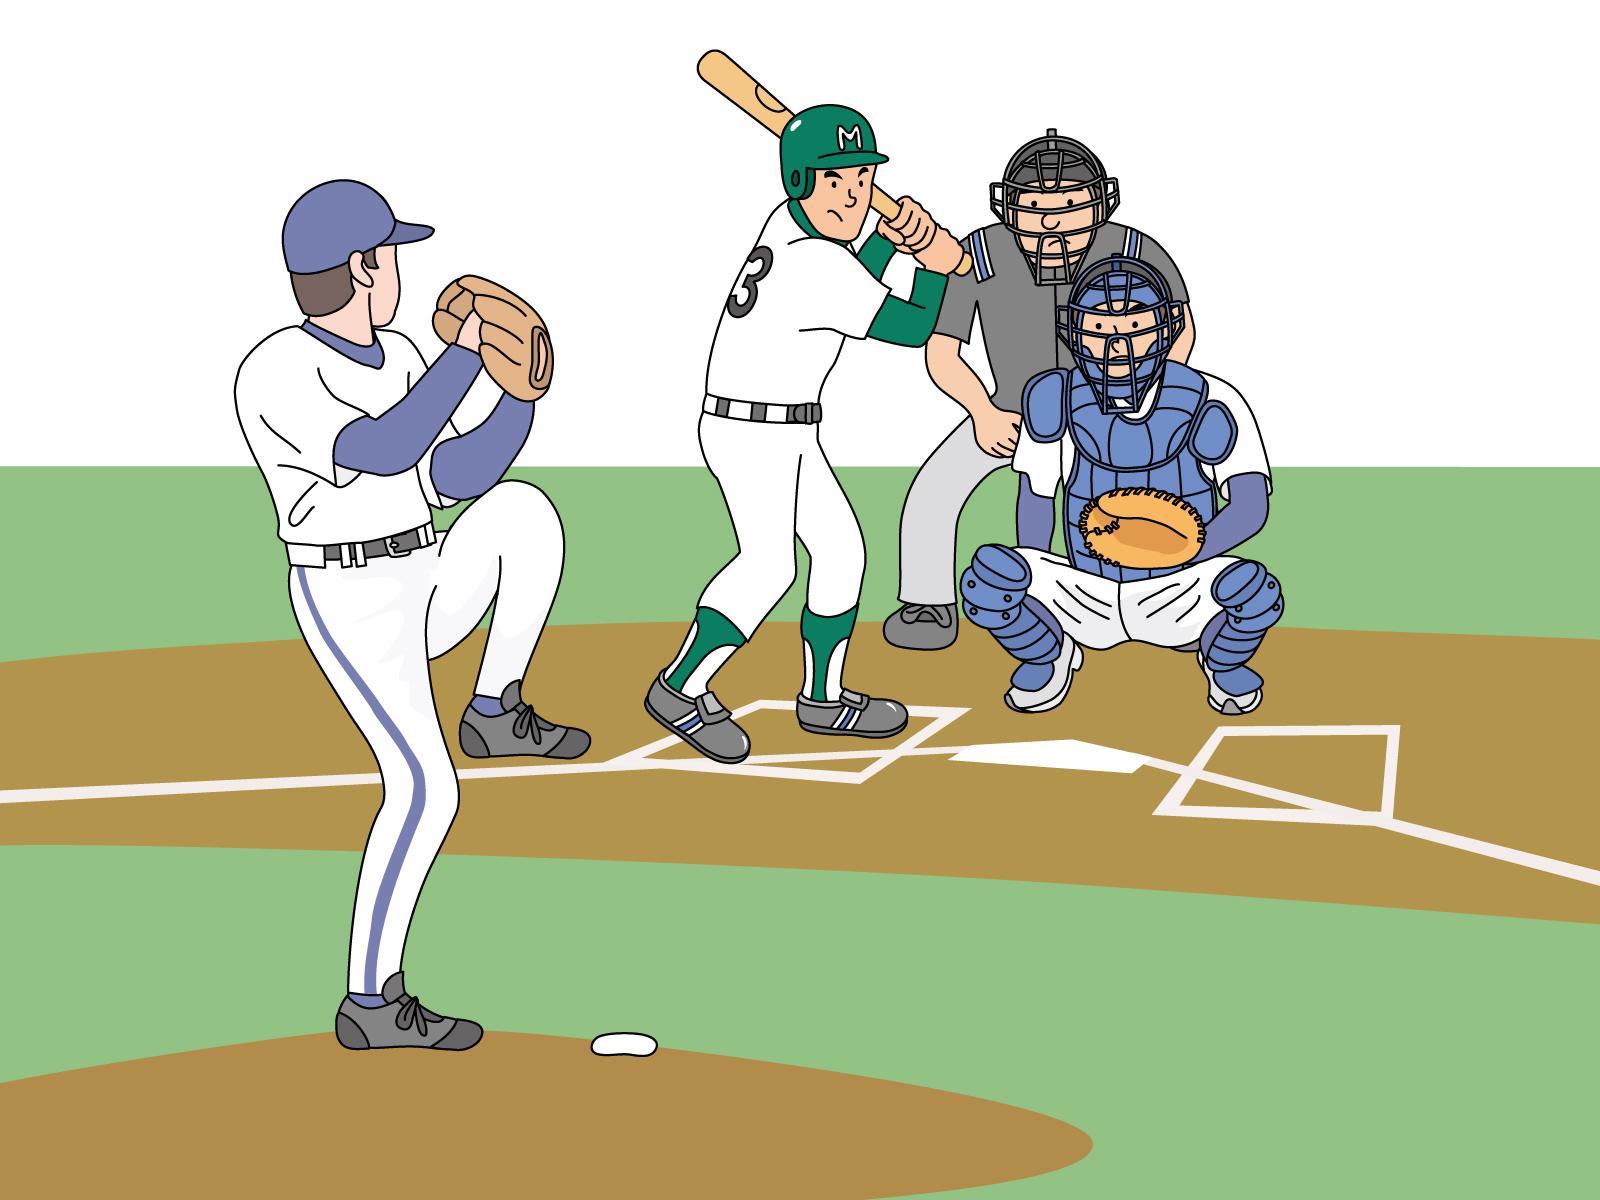 【プロ野球クイズ 全30問】簡単&難問!!おもしろ三択問題!初級・上級編